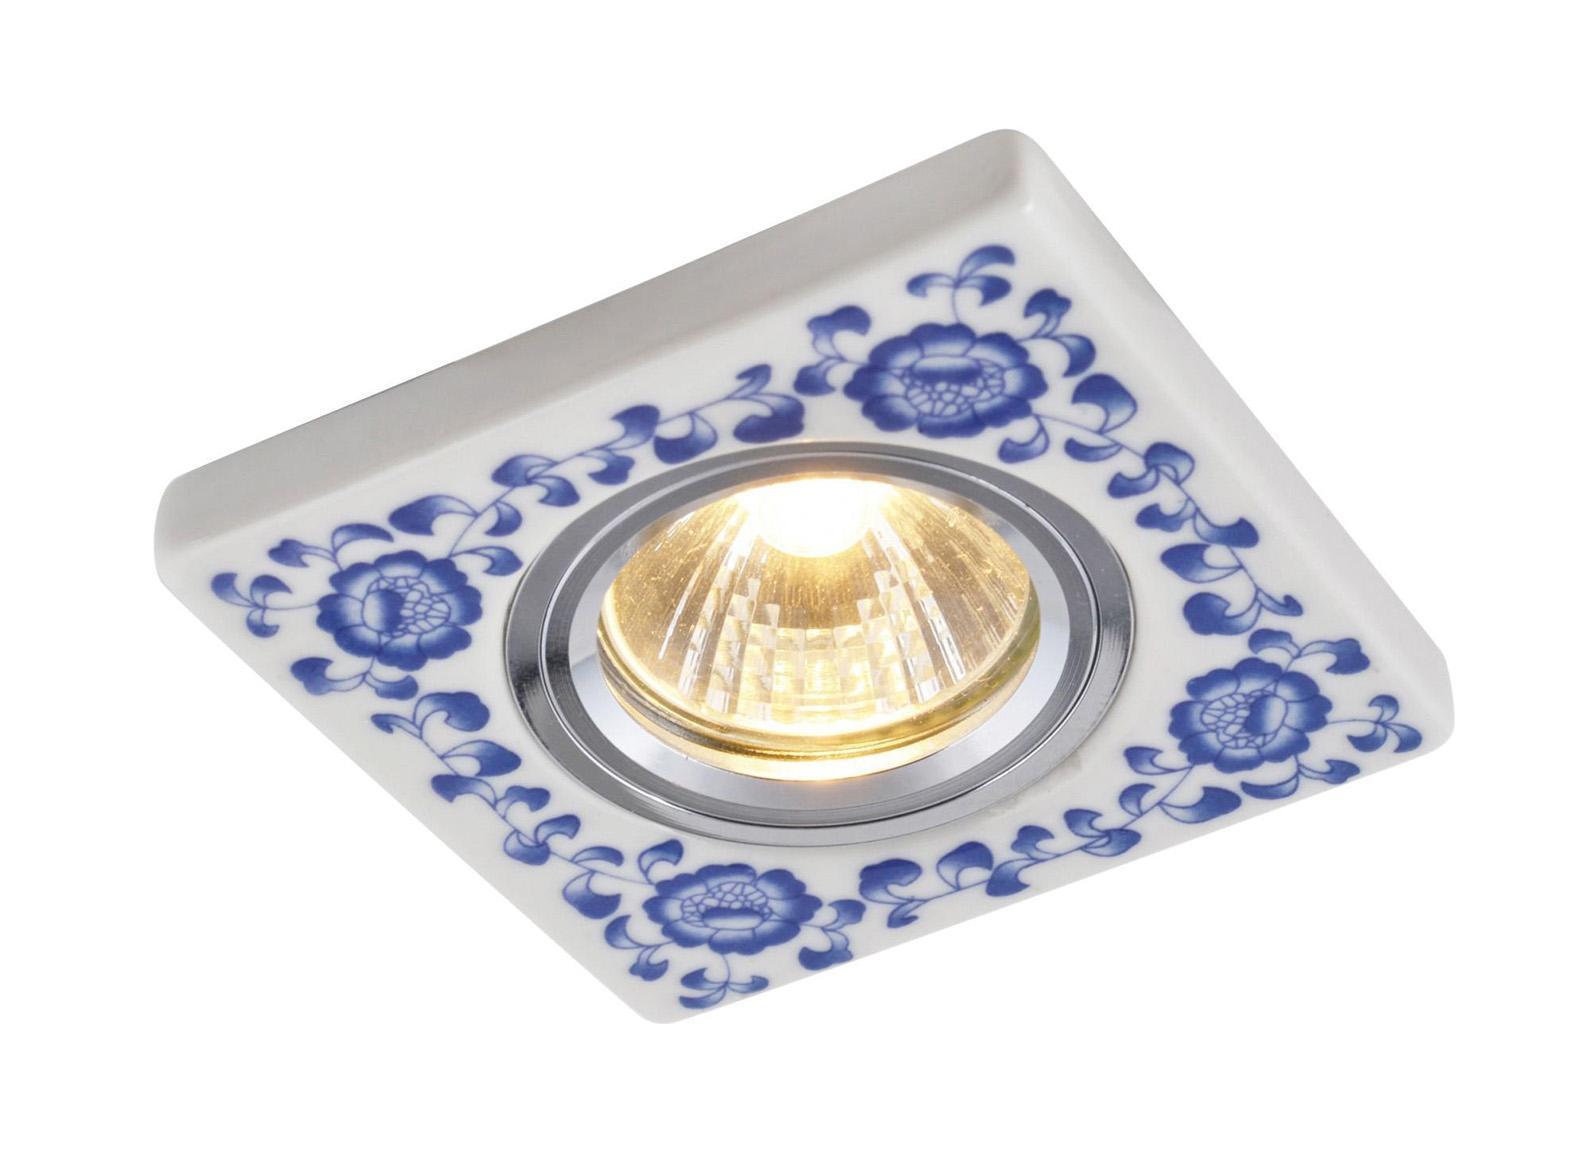 A7034PL-1WH RUSSO Встраиваемый светильникA7034PL-1WH1x50W; патроны GU10 и G5,3 в комплекте Материал: Арматура: КерамикаРазмер: 94x94x26Цвет: Белый